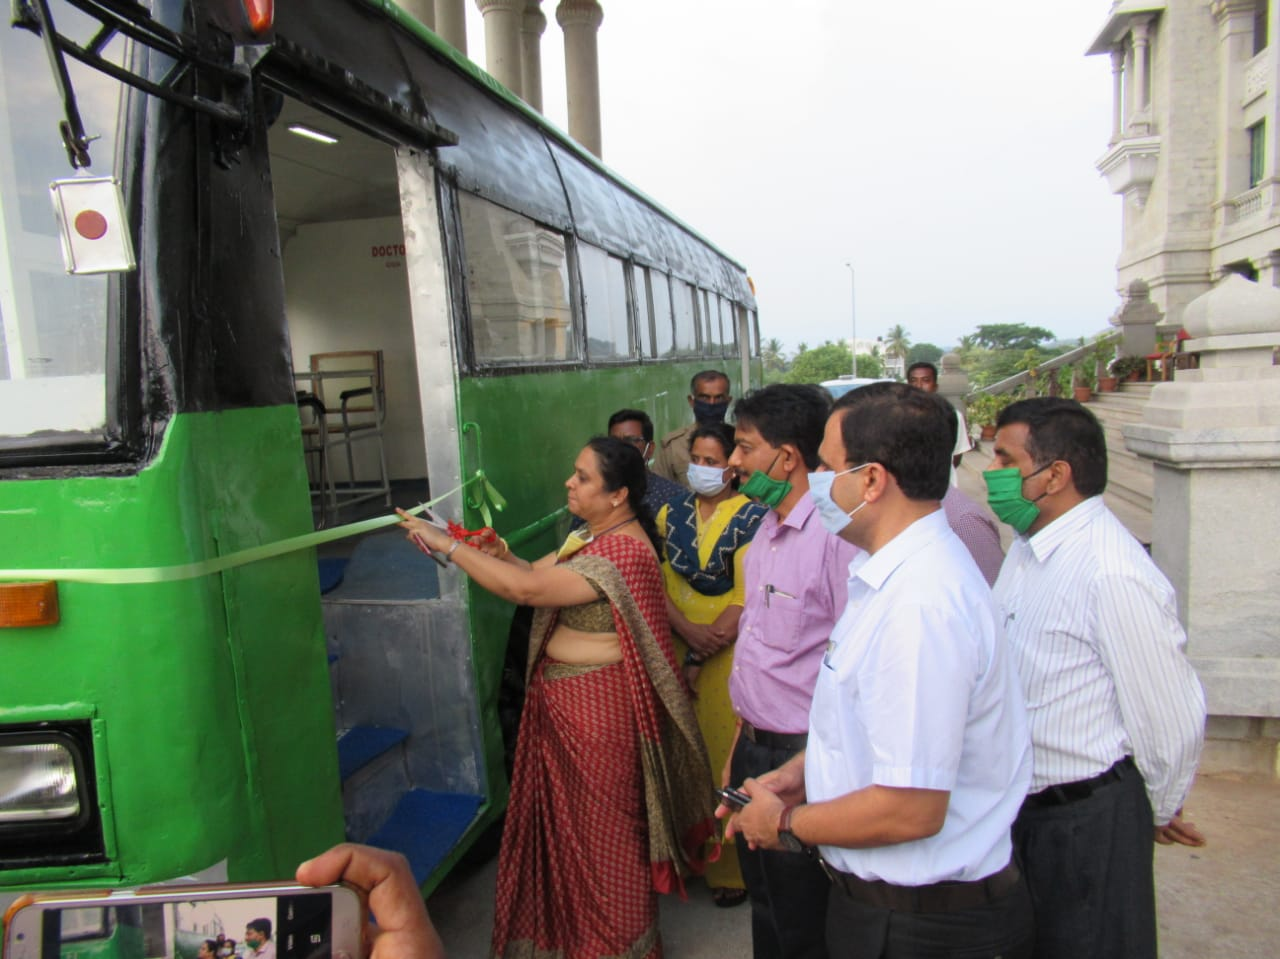 ಕೋವಿಡ್-19 ಸಂಚಾರಿ ತಪಾಸಣಾ ಕೇಂದ್ರಕ್ಕೆ ಚಾಲನೆ ನೀಡಿದ ಜಿಲ್ಲಾಧಿಕಾರಿ